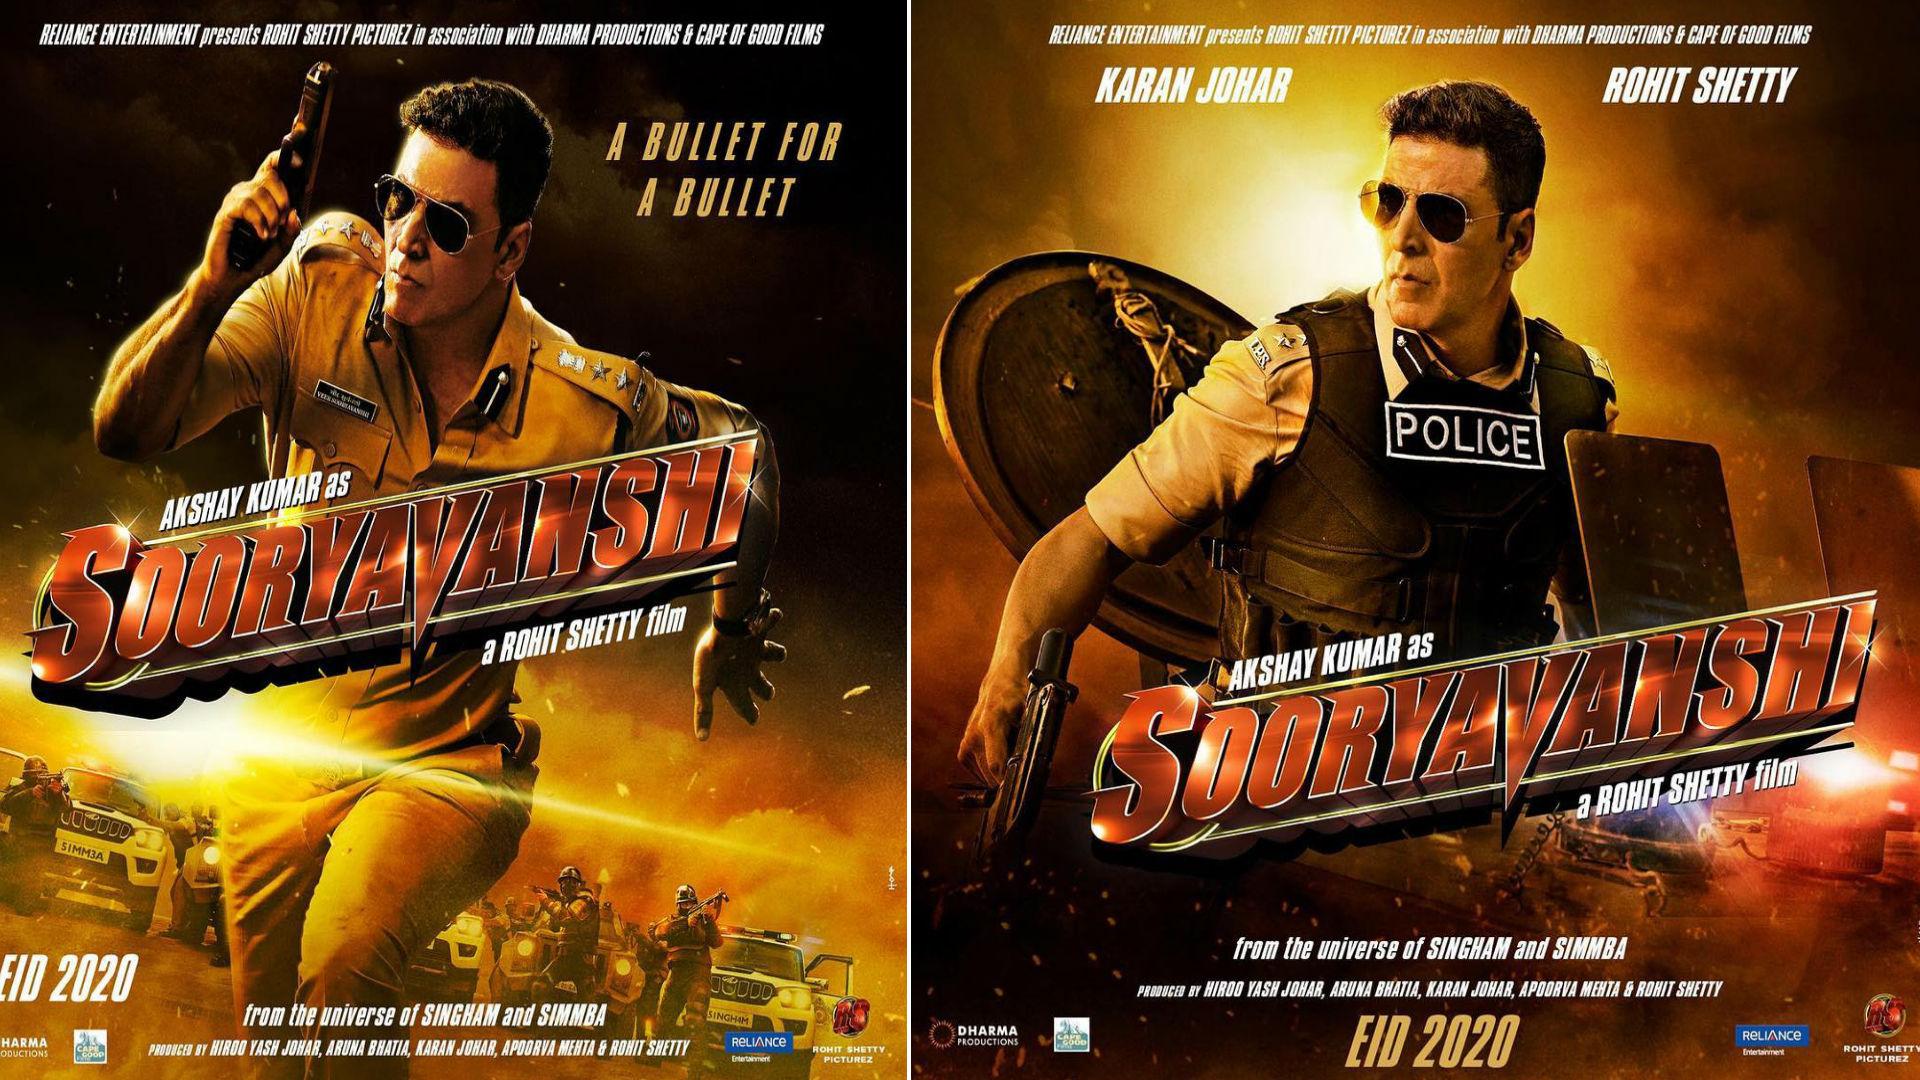 अक्षय कुमार की फिल्म सूर्यवंशी के नाम में डायरेक्टर रोहित शेट्टी ने इस वजह से किया है एक बदलाव